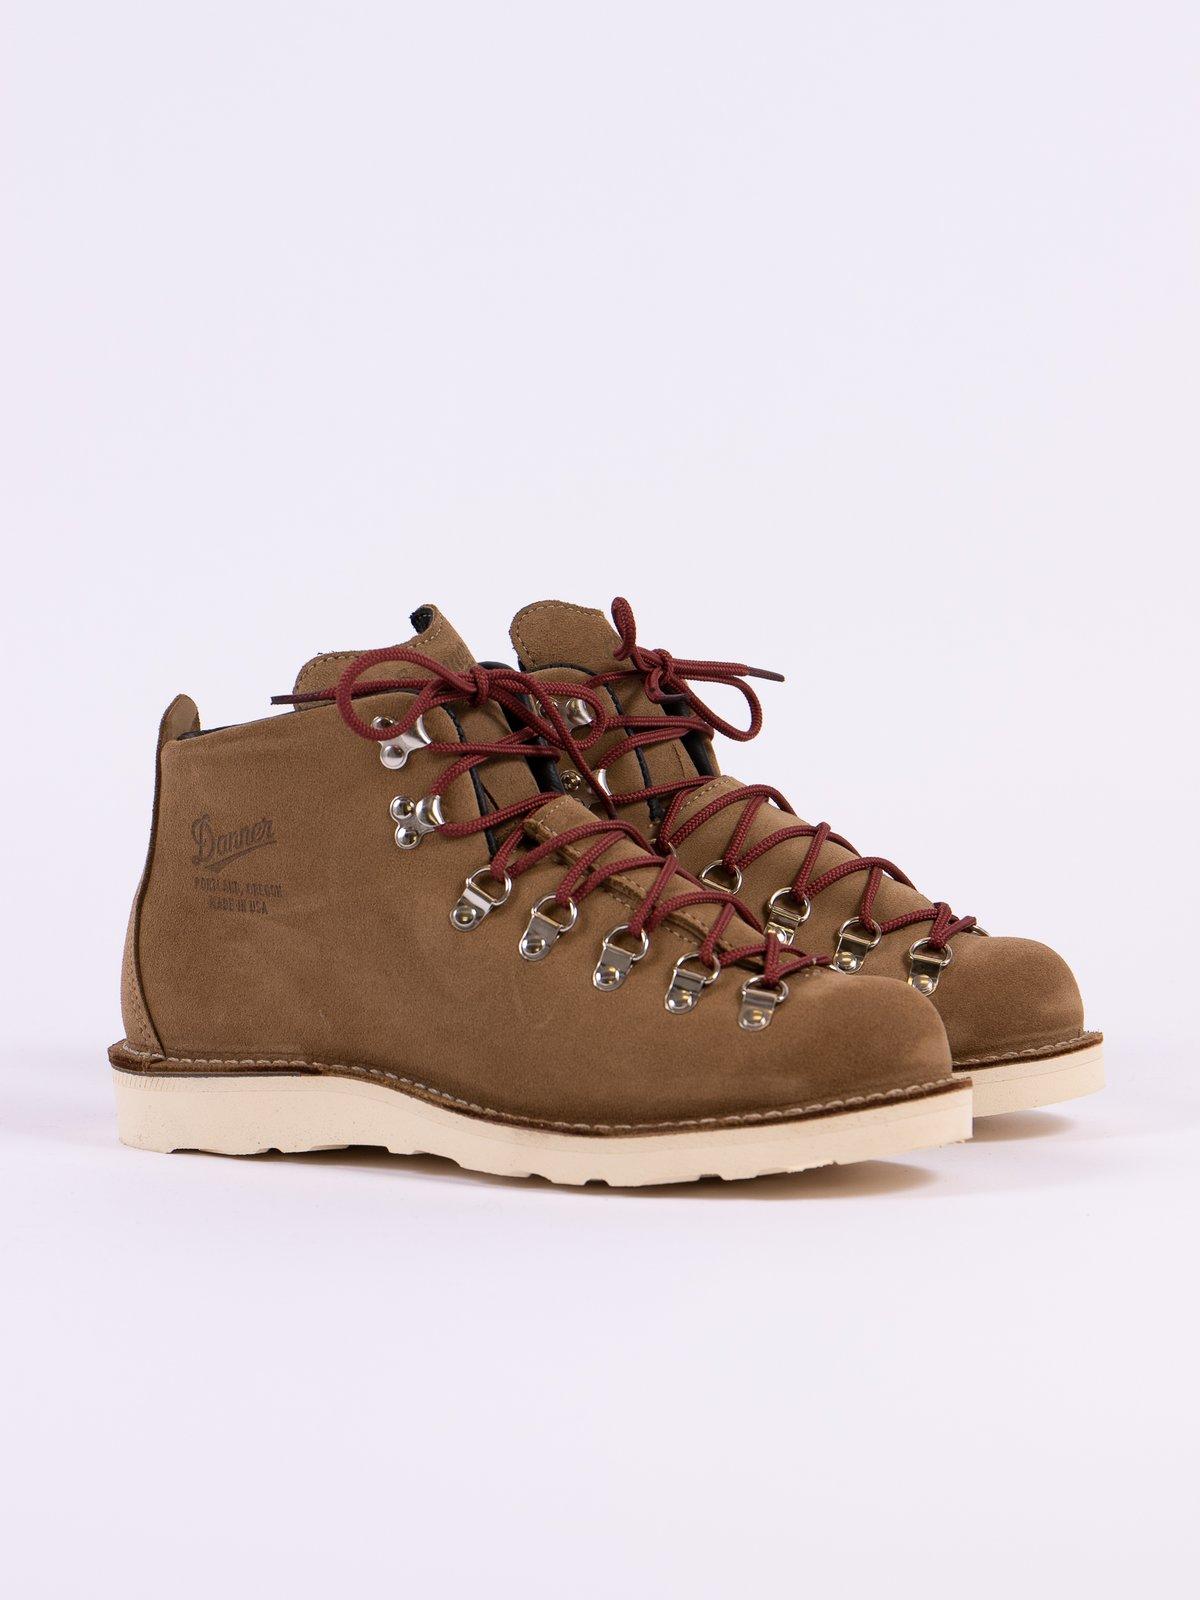 Tan Mountain Light Overton Boot - Image 1